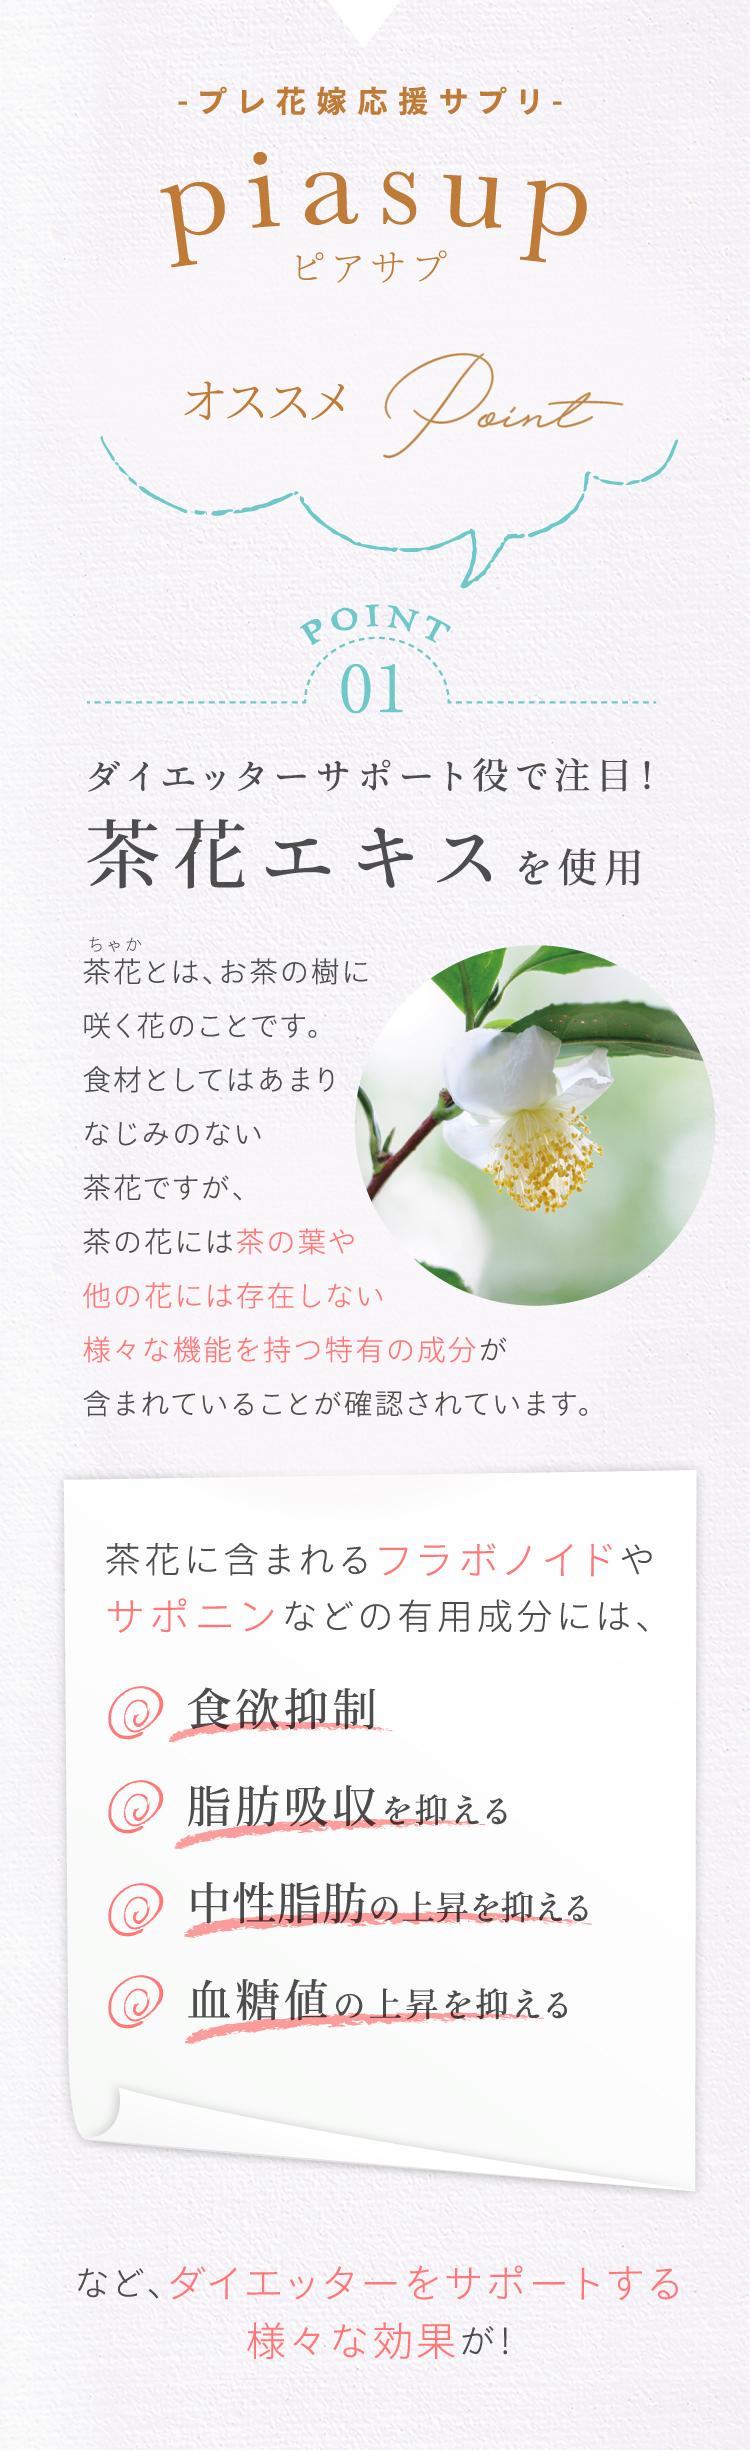 プレ花嫁応援サプリpiasup(ピアサプ)オススメPoint [Point1]ダイエッターサポート役で注目!茶花エキスを使用 茶花に含まれるフラボノイドやサポニンなどの有用成分には、・食欲抑制・脂肪吸収を抑える・中性脂肪の上昇を抑える・血糖値の上昇を抑えるなど、ダイエッターをサポートする様々な効果が!